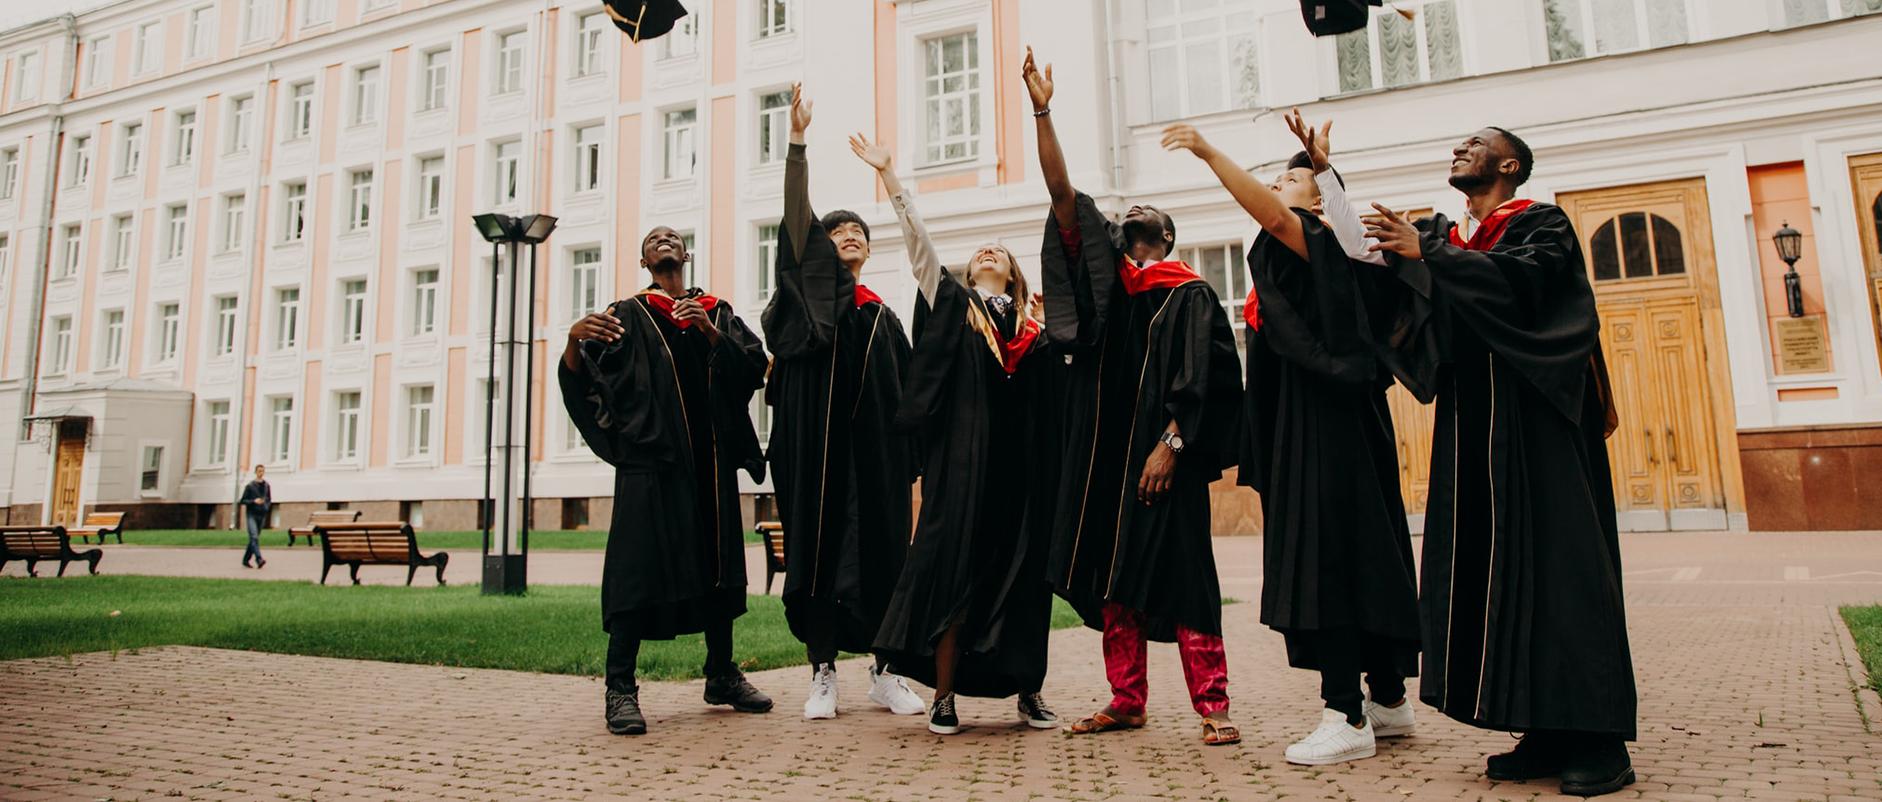 CV studenta-absolwenta bez doświadczenia zawodowego